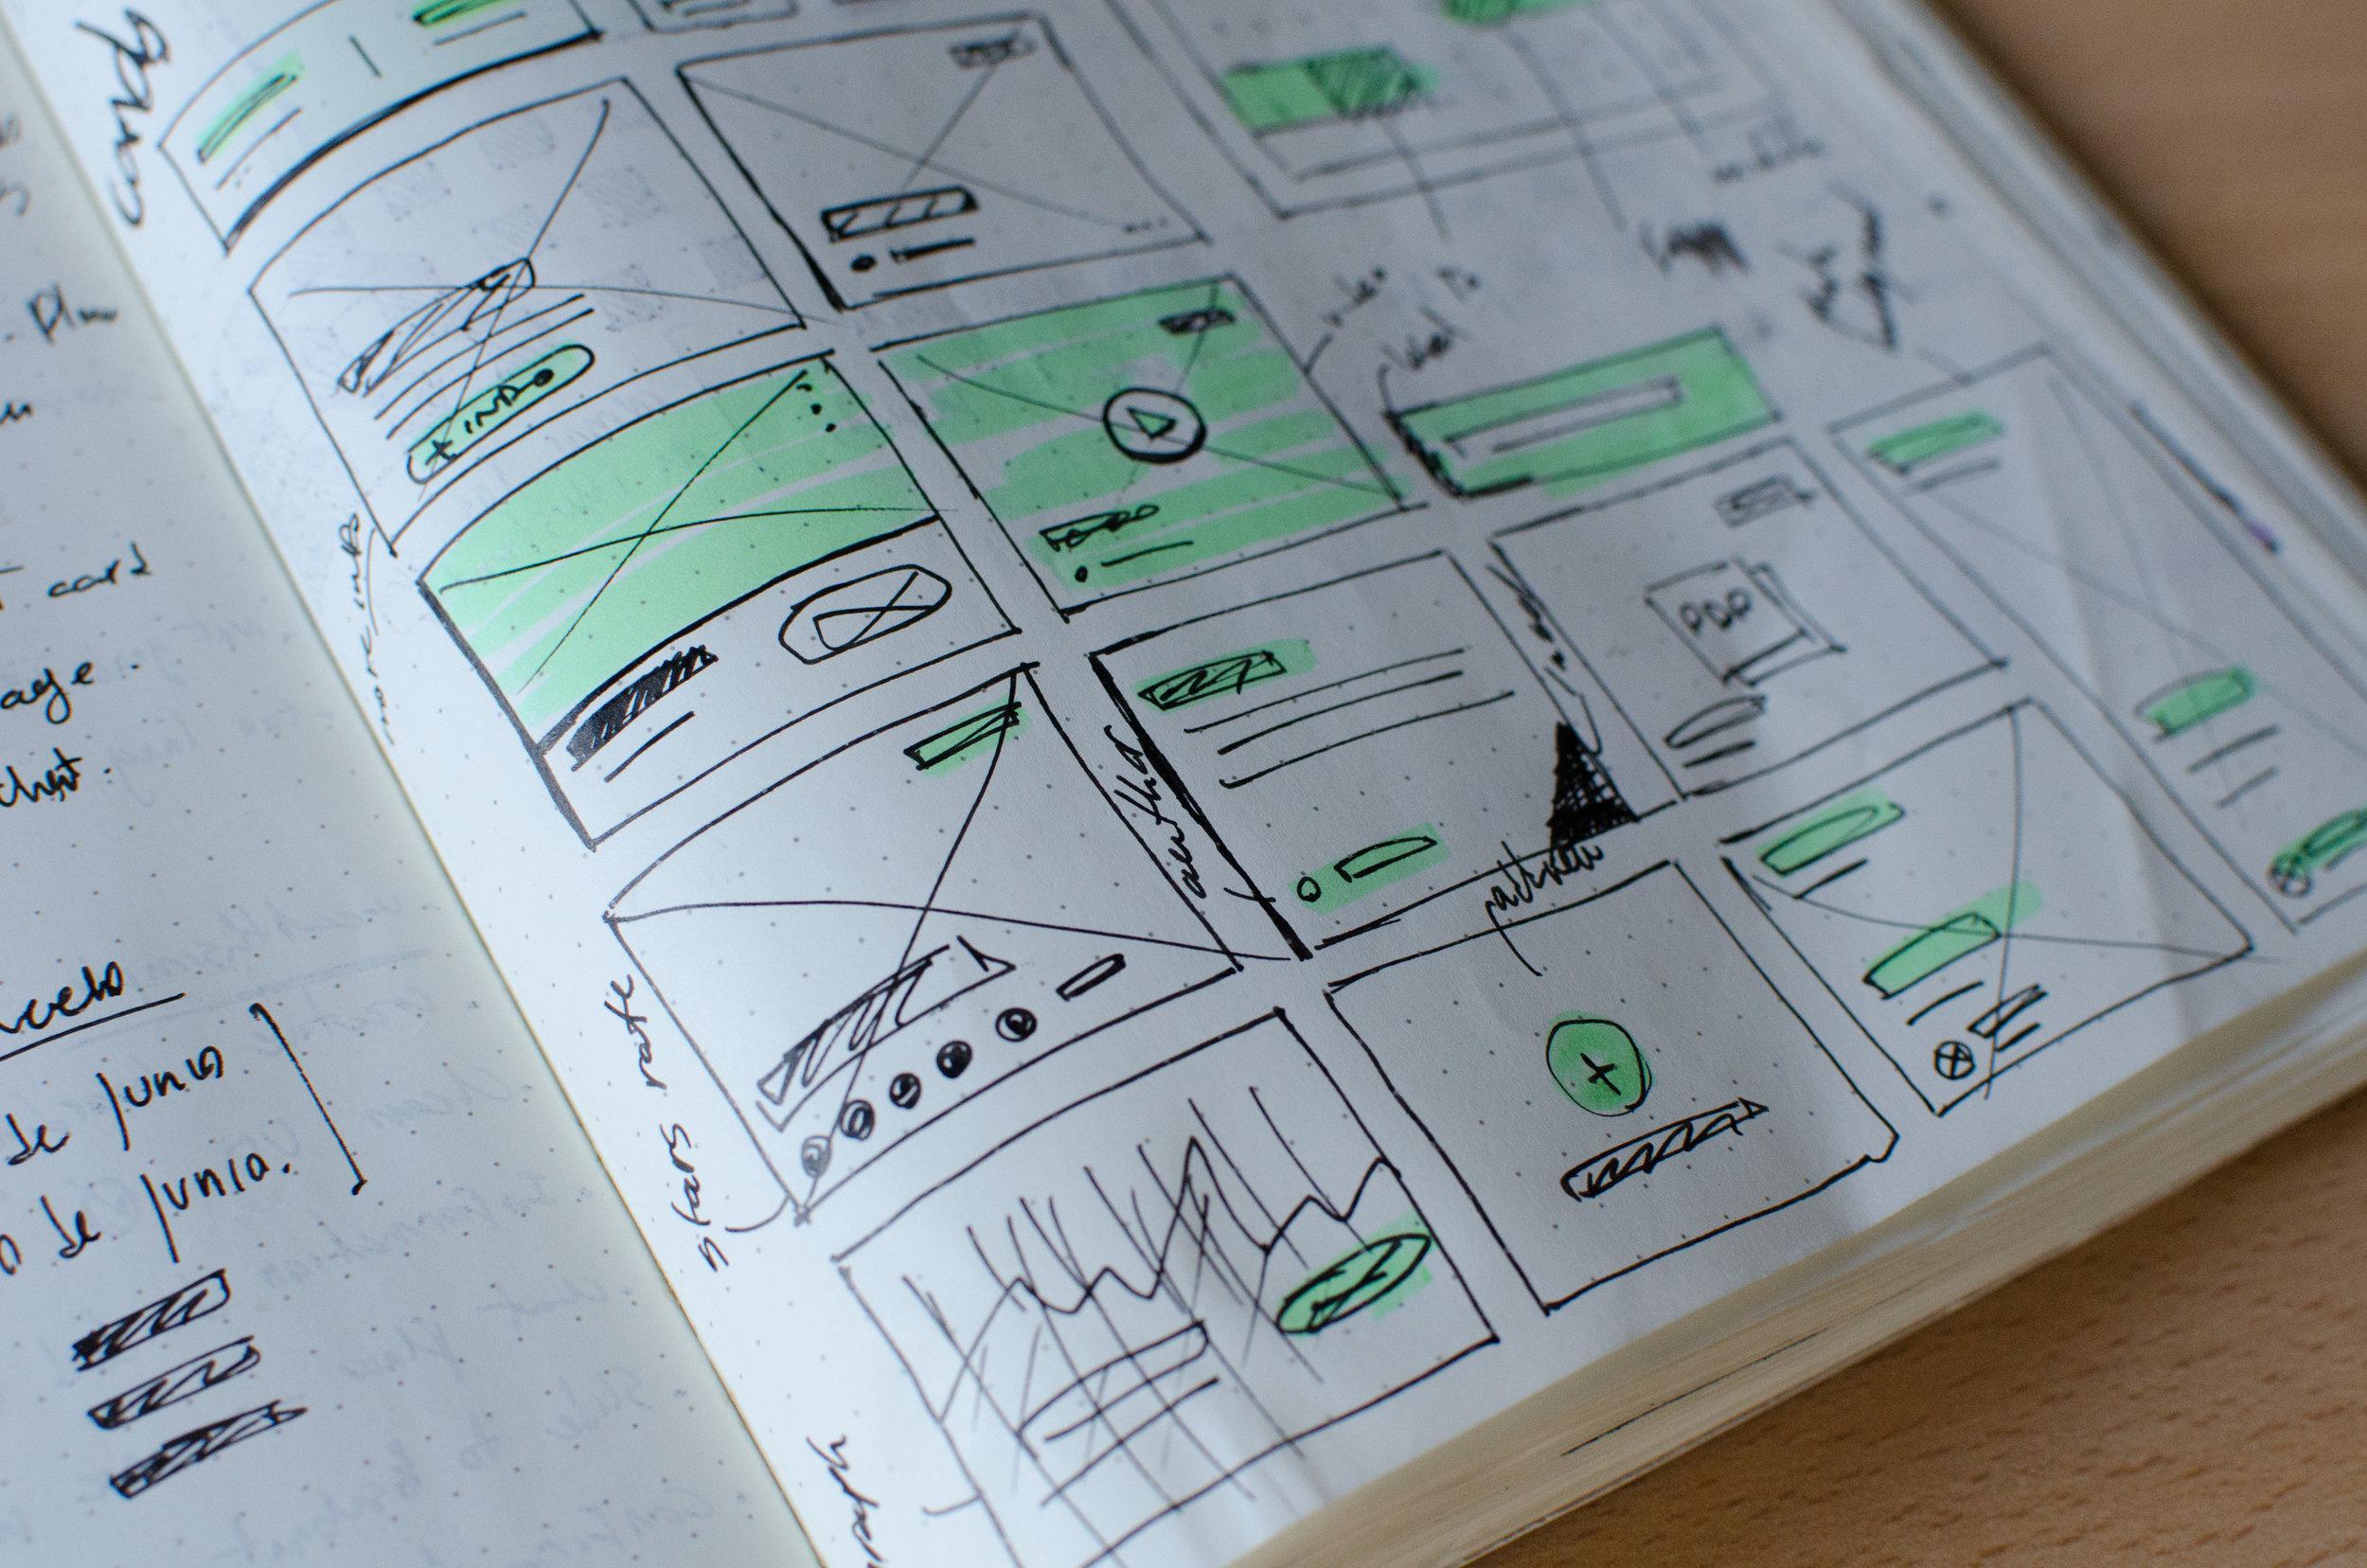 Stap 3: Visueel ondersteunen - Hoe gebruik ik afbeeldingen en beeldspraak zodat ik beter begrepen en onthouden word?